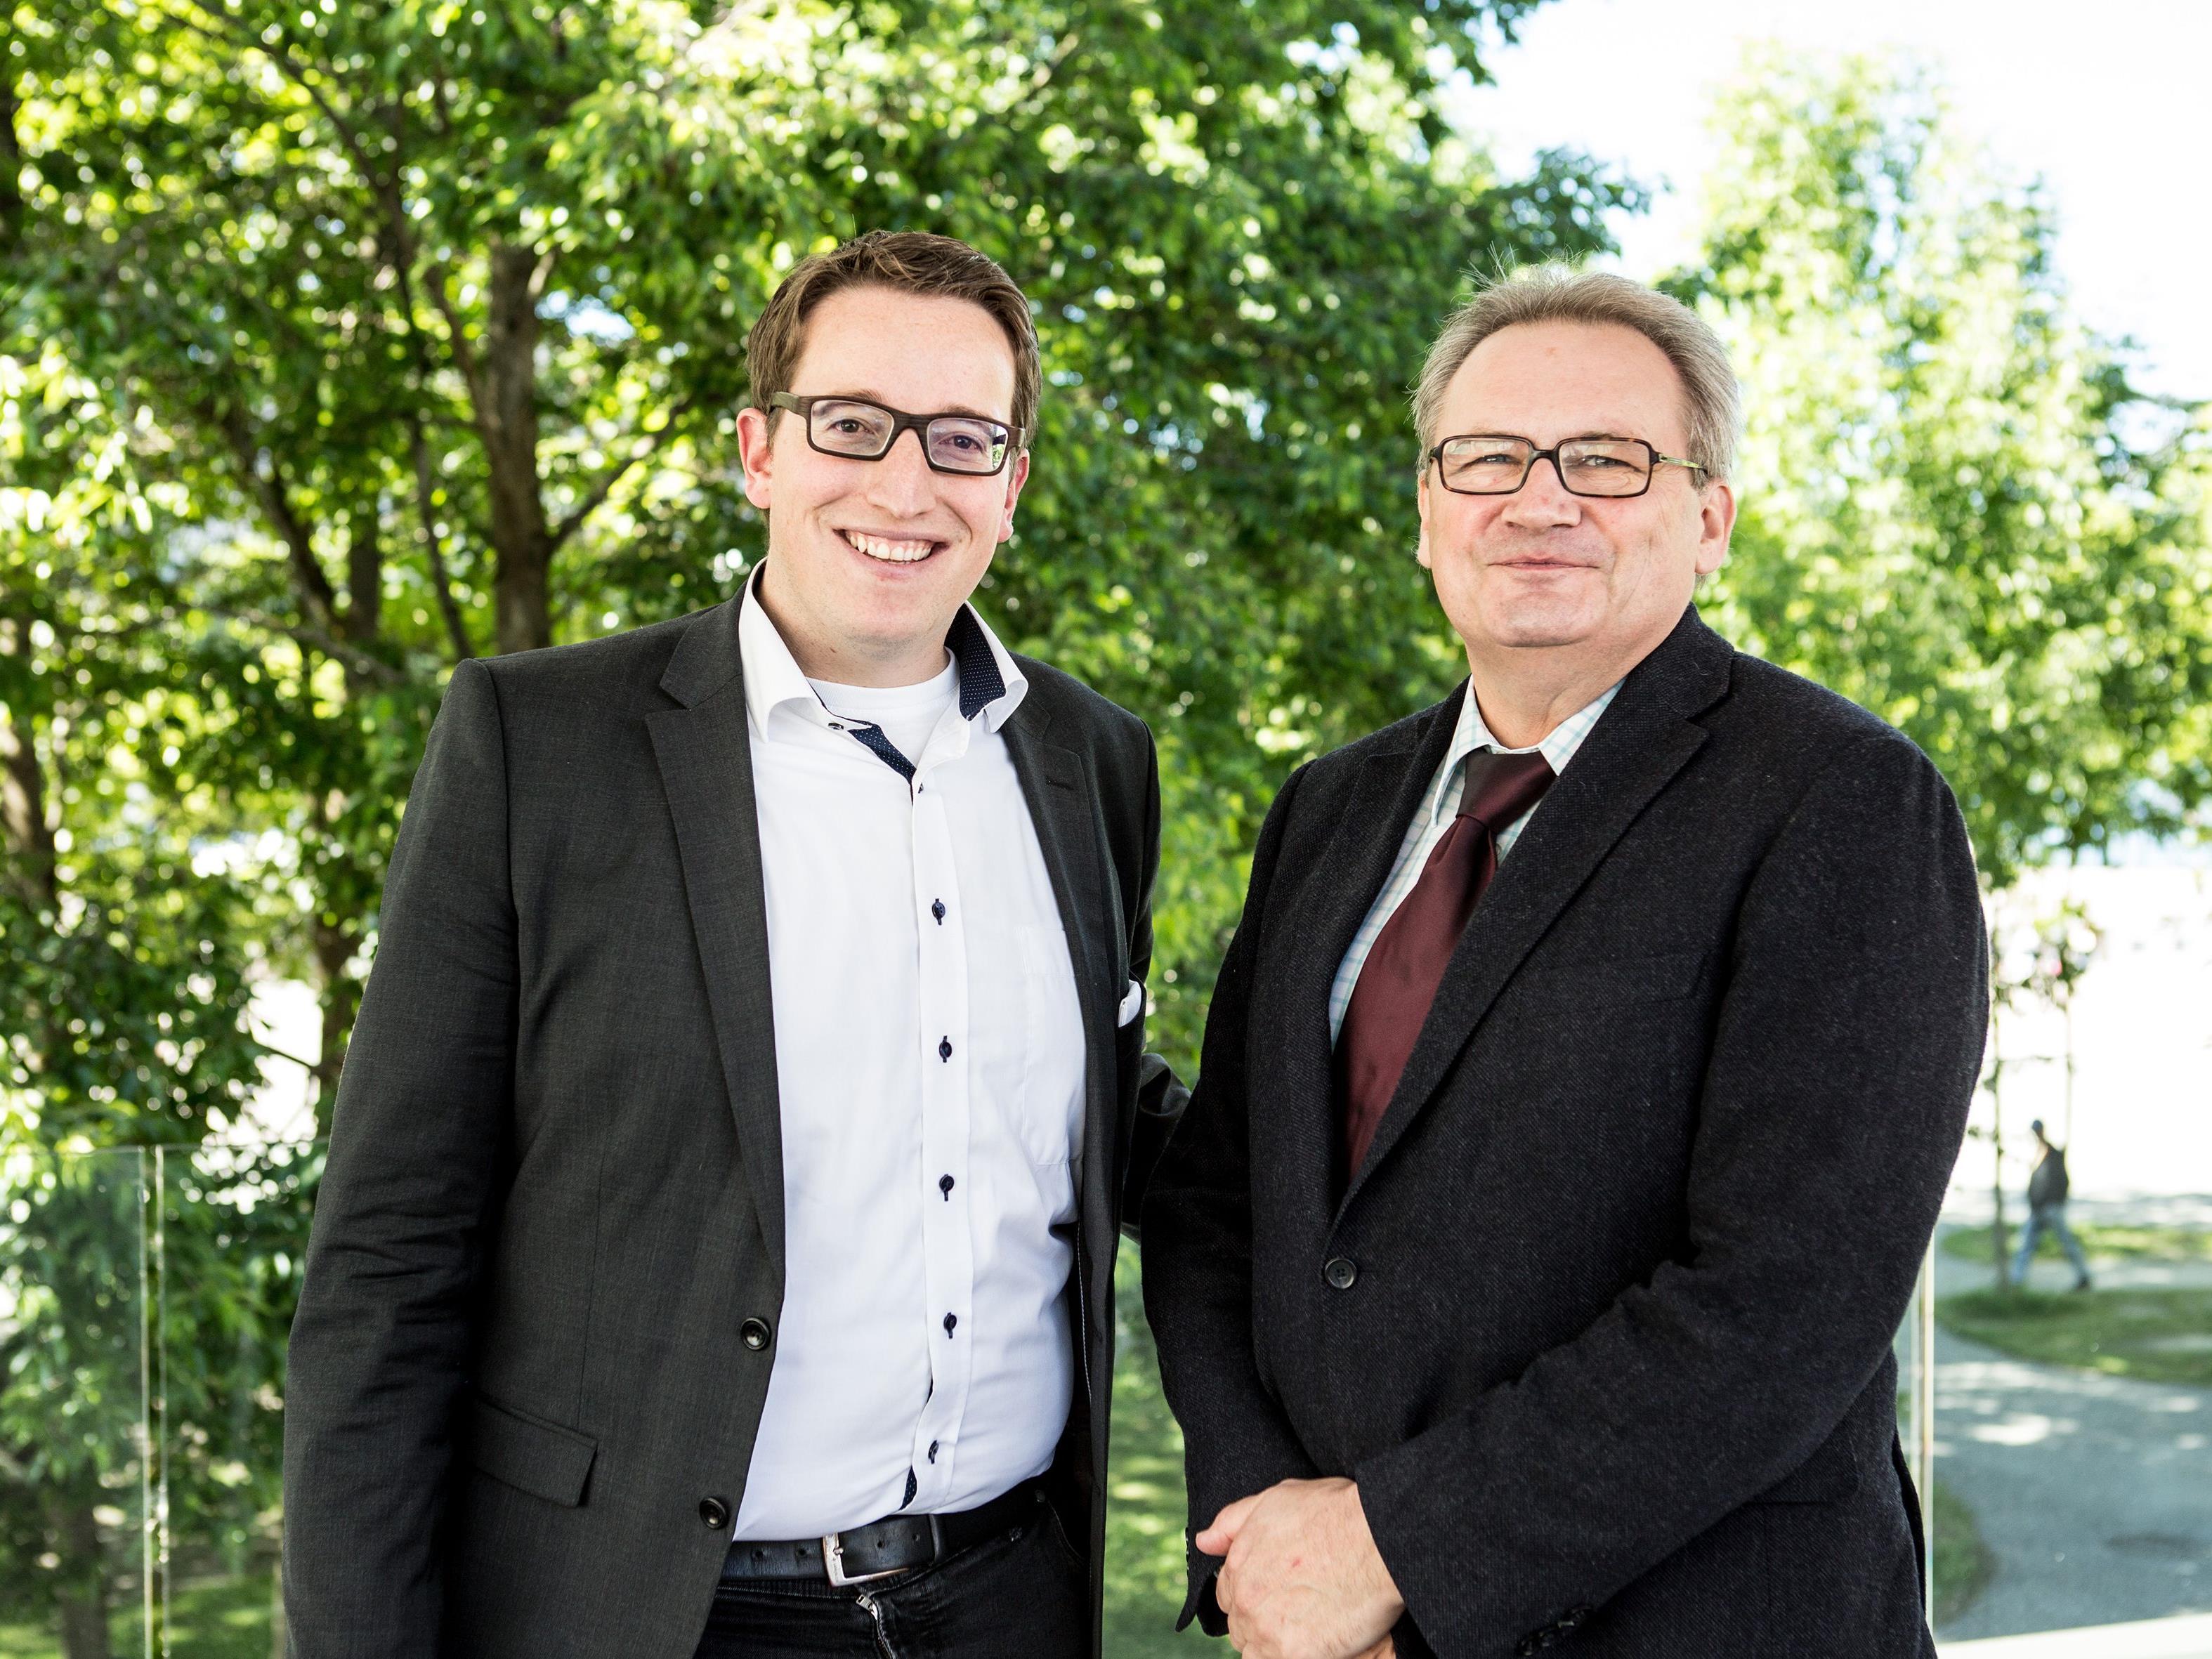 Geschäftsführer Urs Treuthardt und Präsident Karlheinz Hehle konnten sich bei der Jahreshauptversammlung von Bodensee-Vorarlberg Tourismus über einen erfolgreichen Start der digitalen Vermarktungsstrategie freuen.